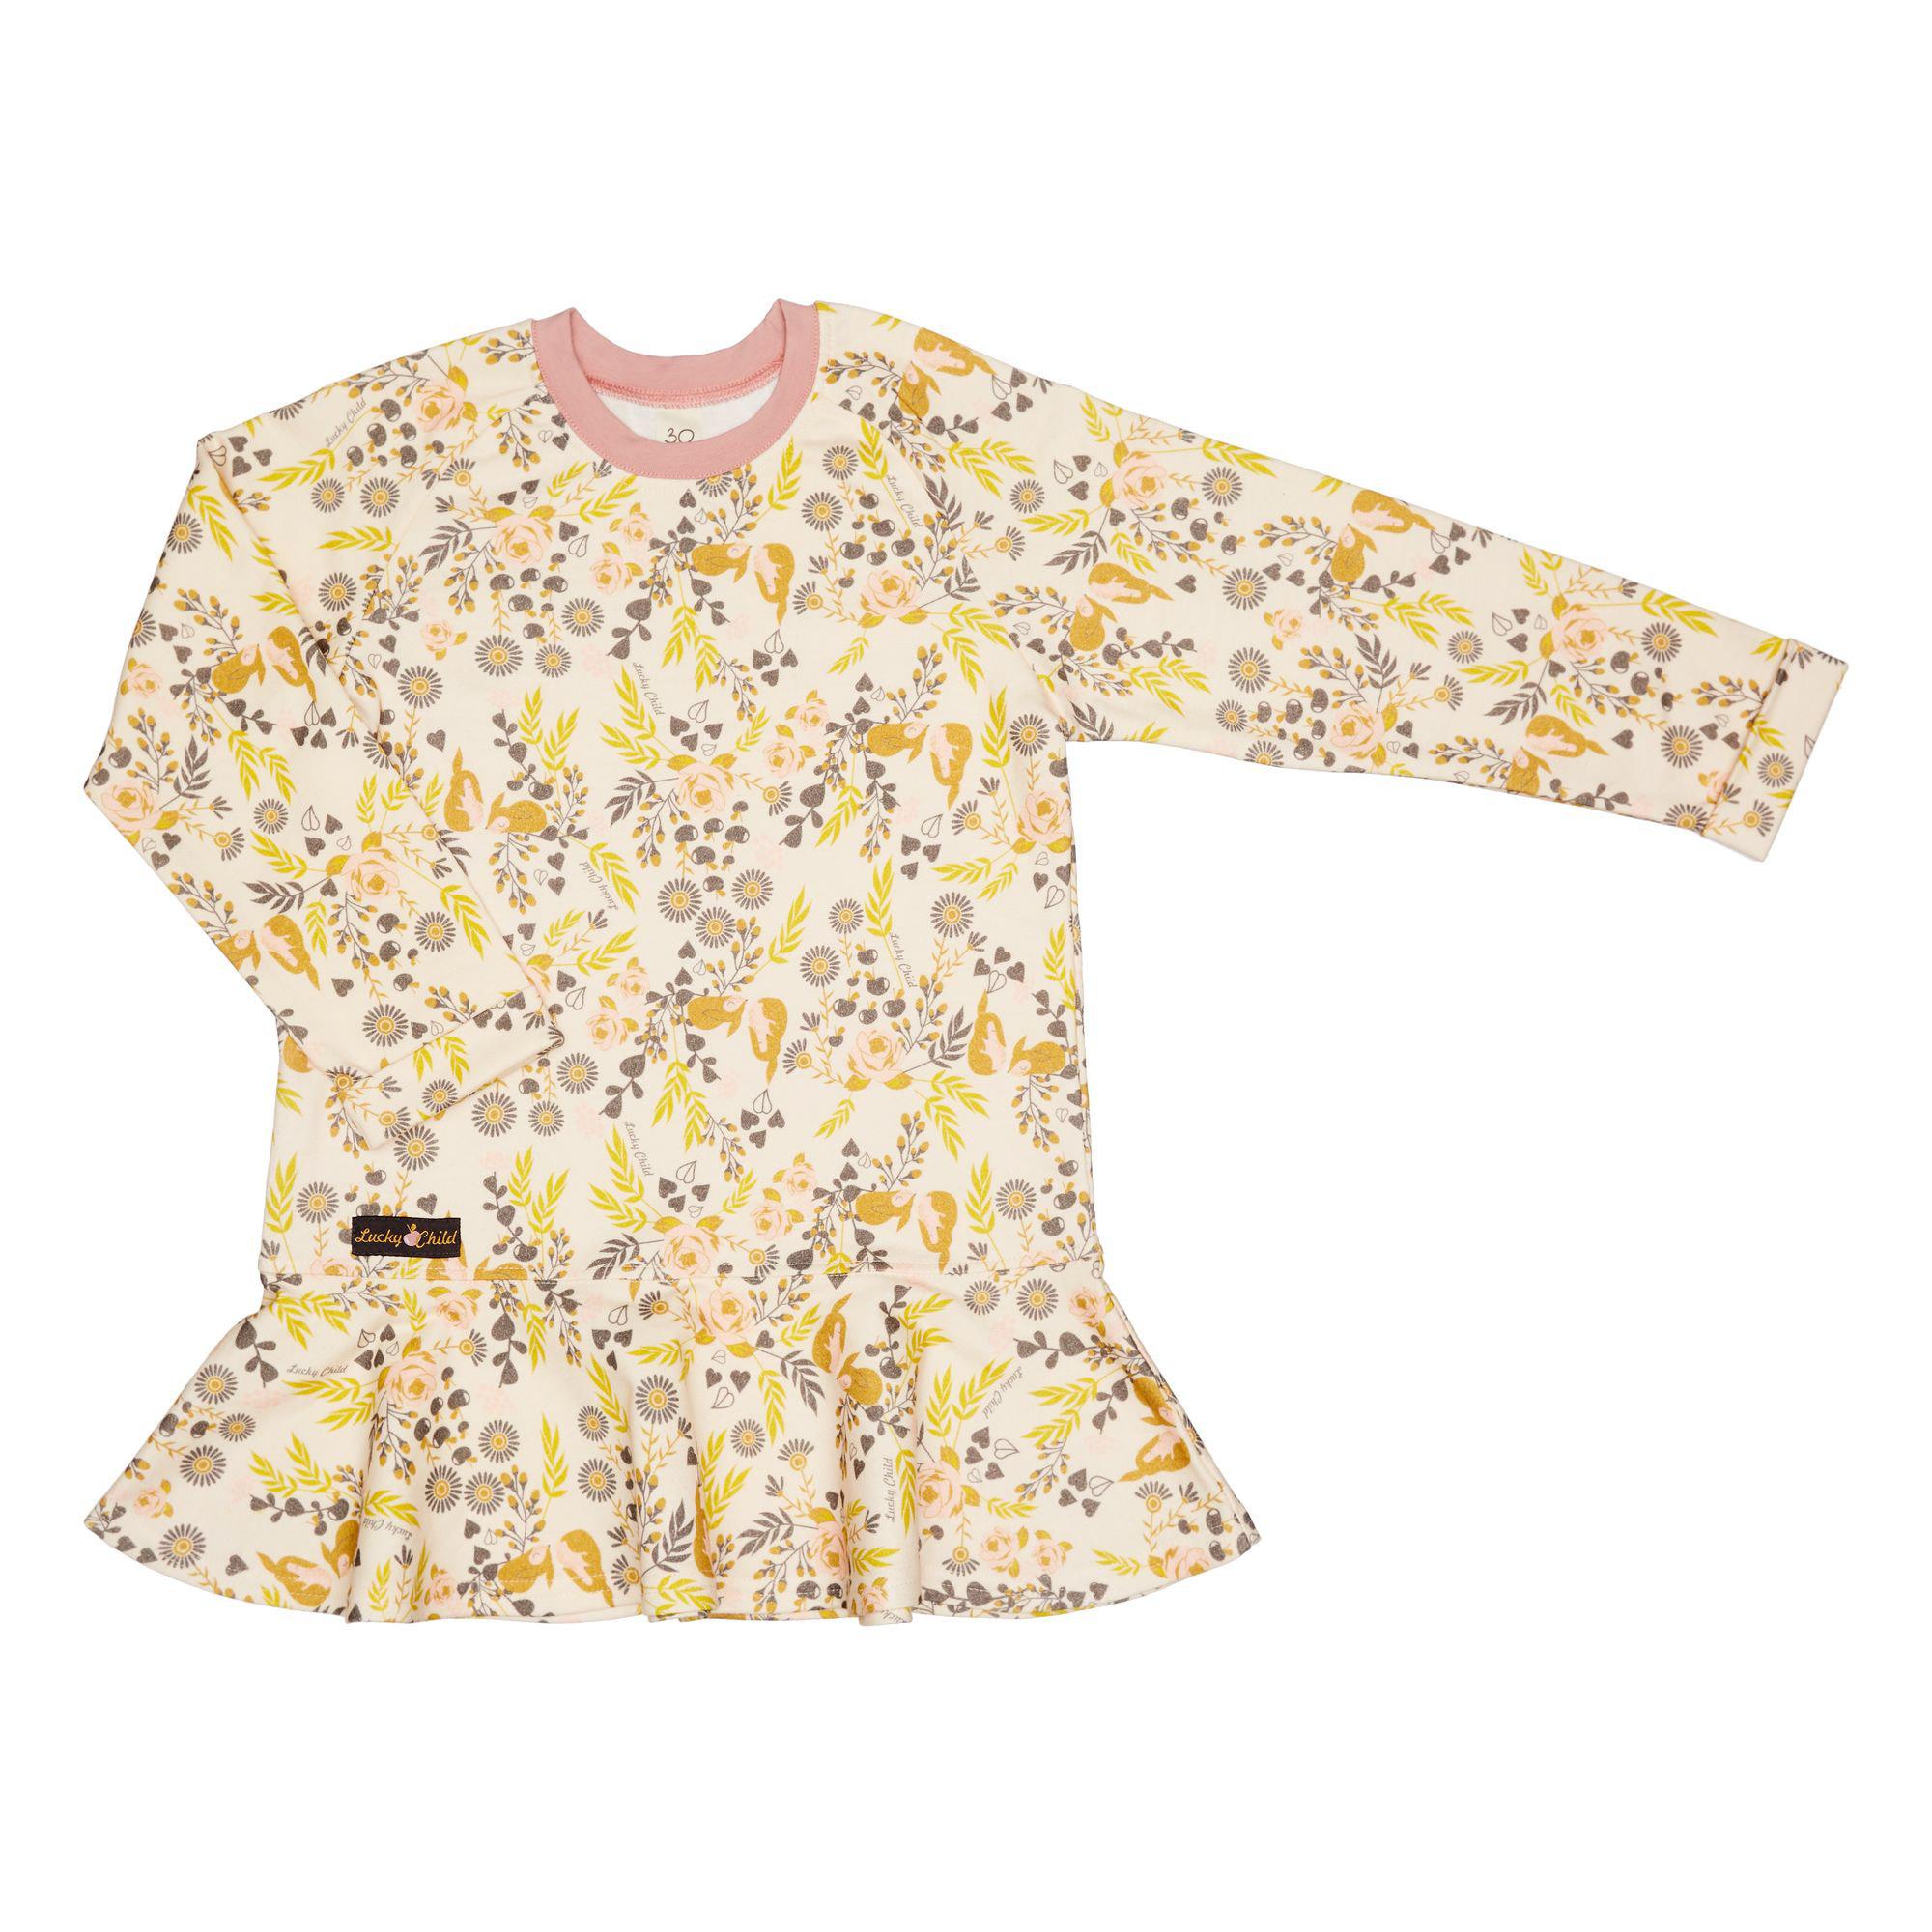 Платье Lucky Child Осенний лес футер цветное 122-128